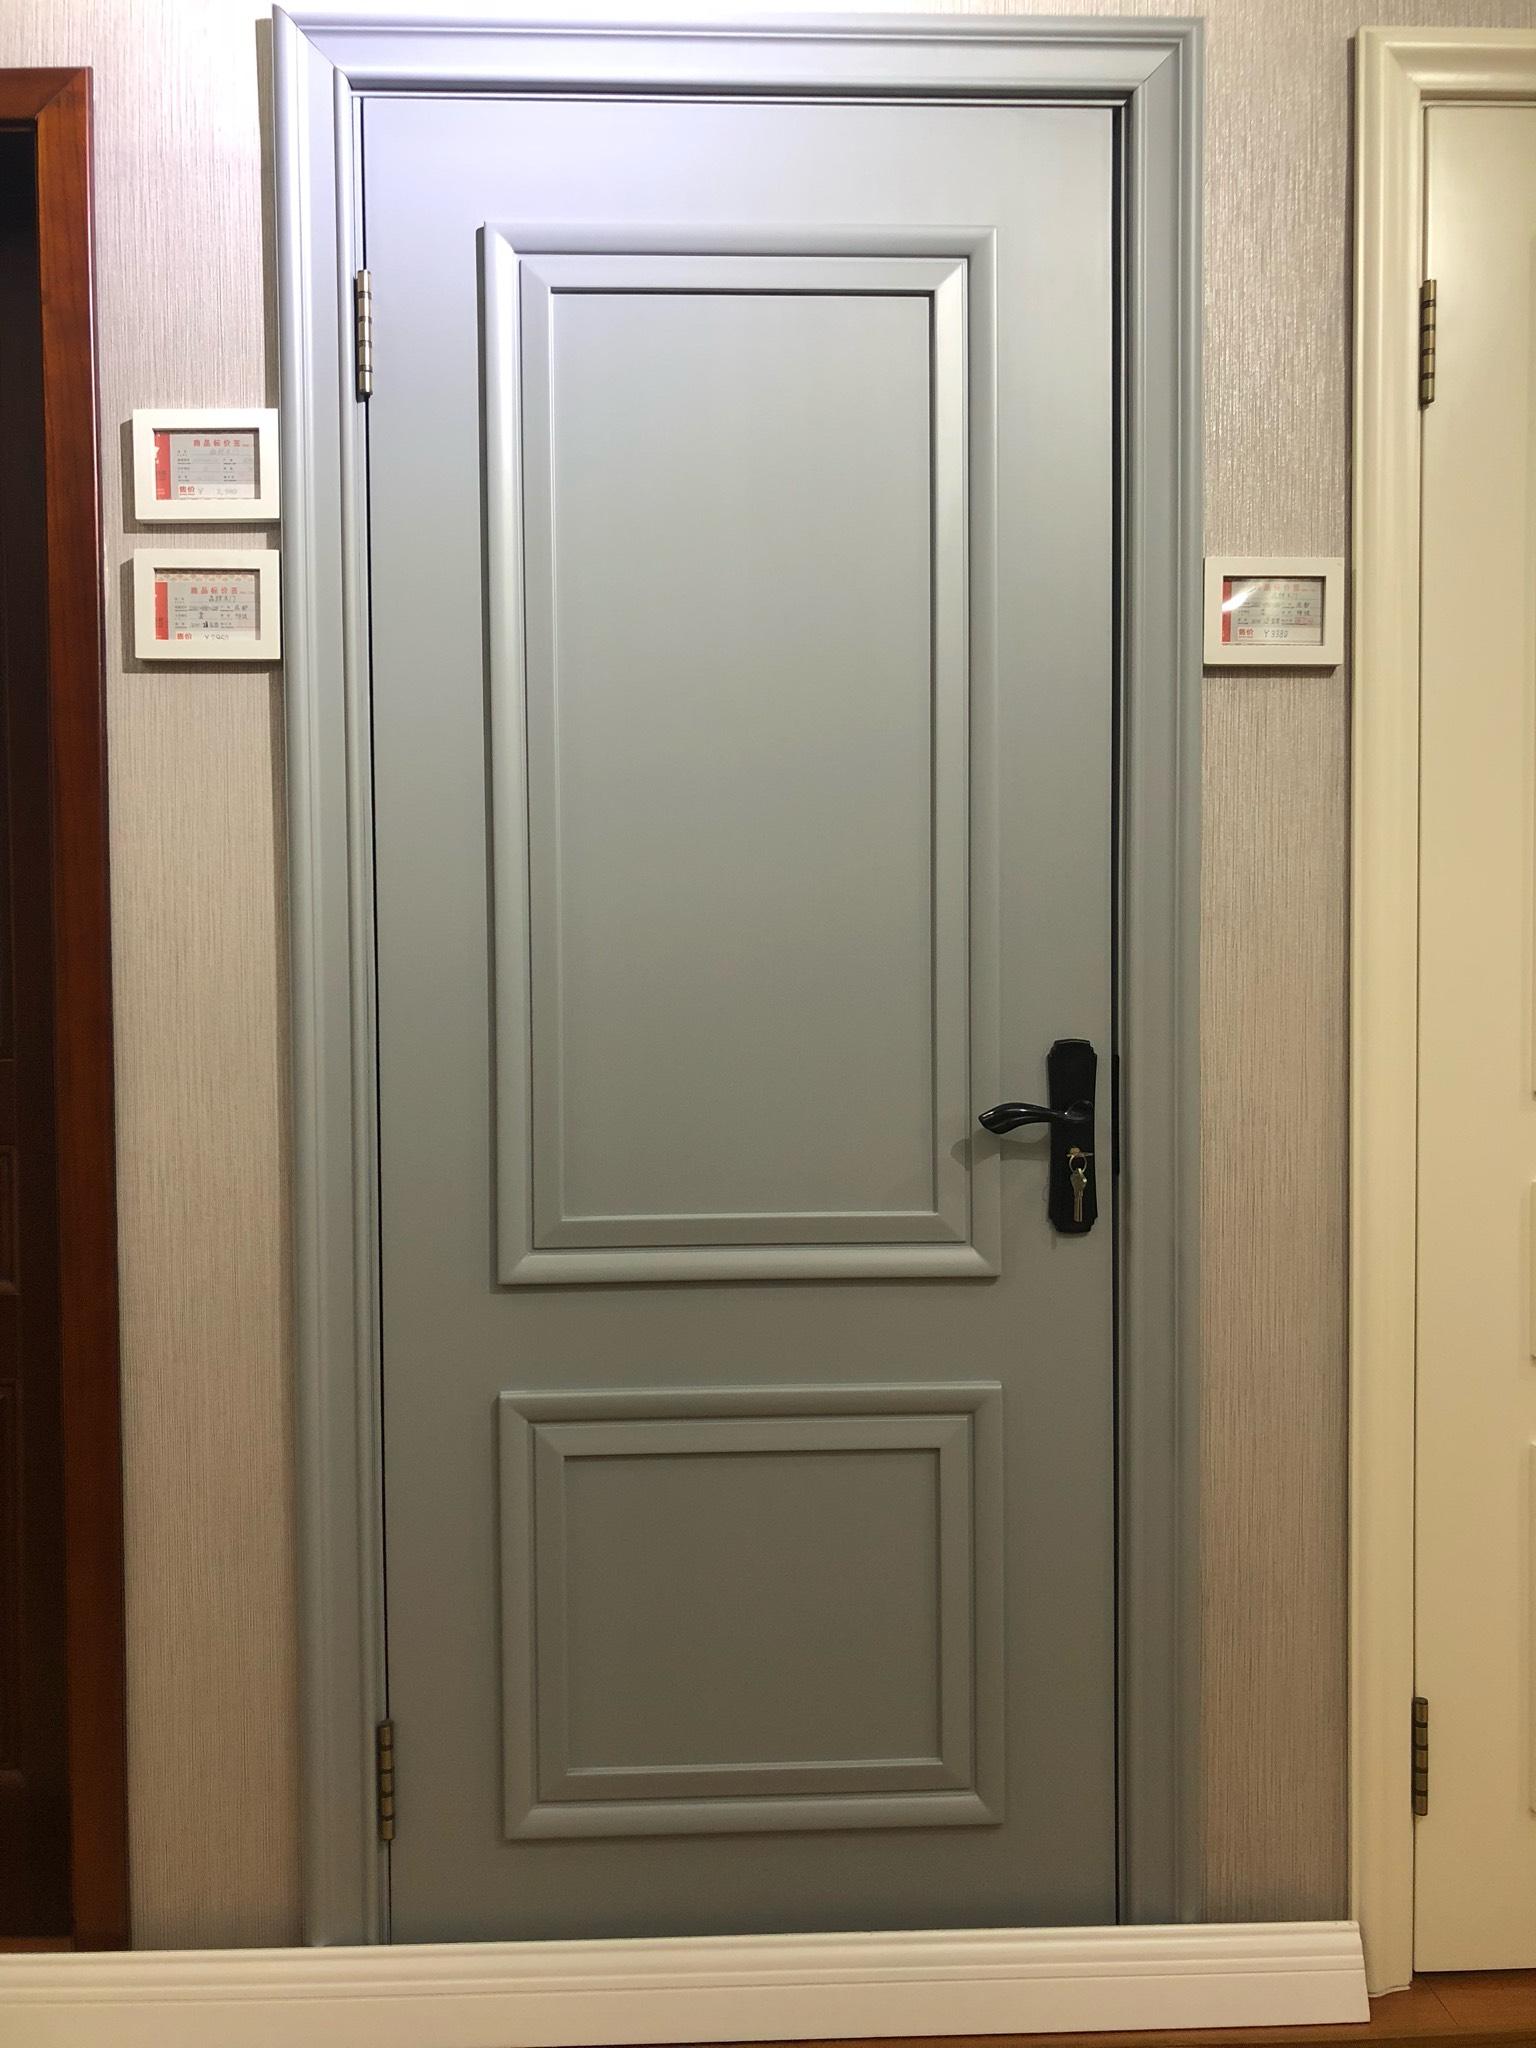 如果卧室门改成灰蓝色了,那么卫生间的白色铝合金门也要改么?